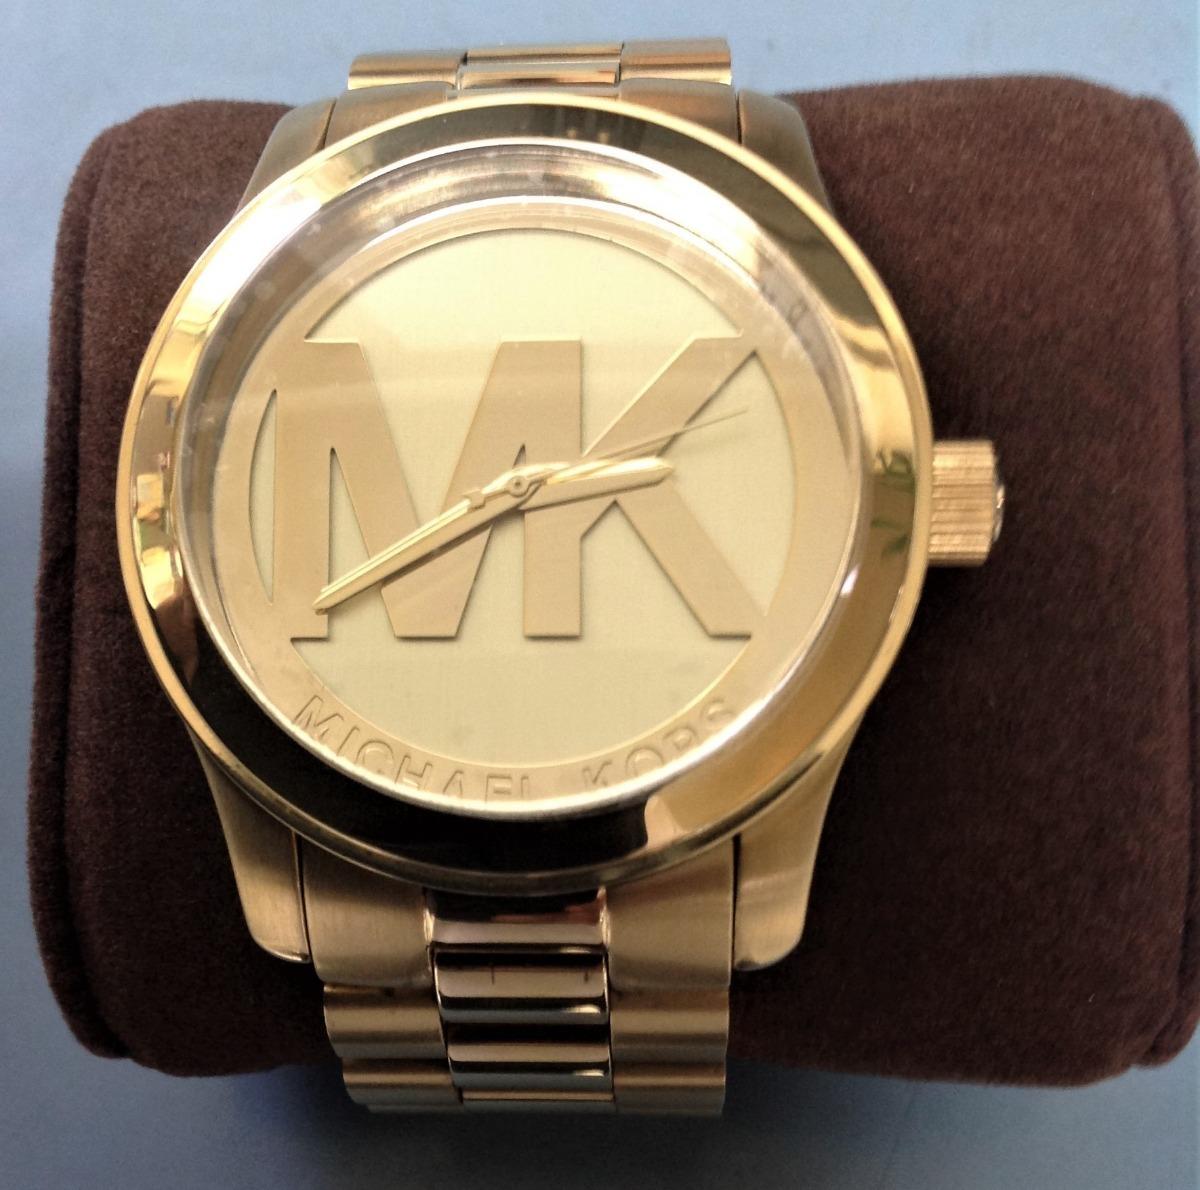 Genuino Michael Seguridad Tono Mk Sello Reloj 5473 Oro Kors hCQorxtsBd